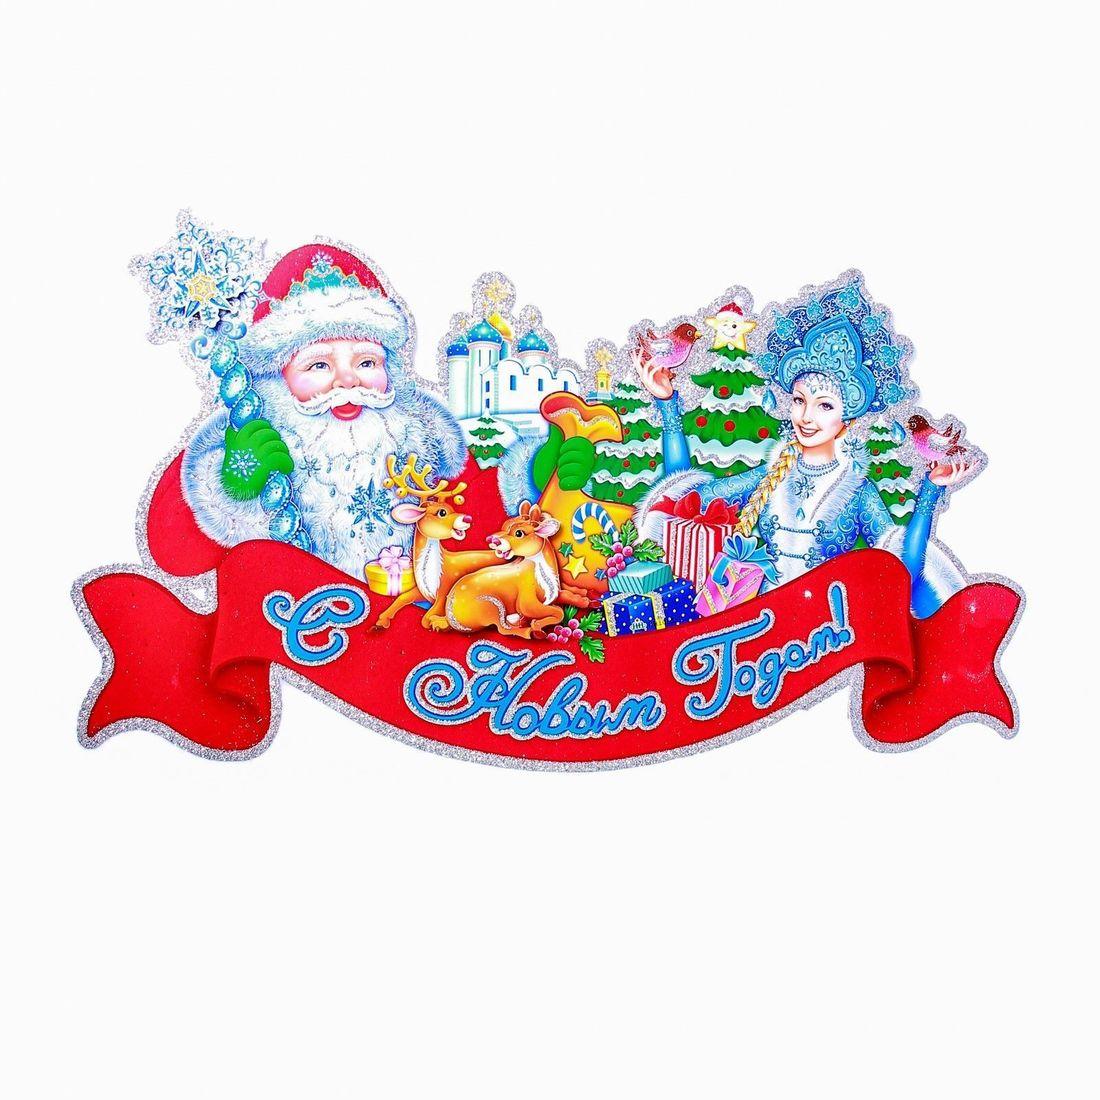 Плакат Дед Мороз и Снегурочка. Лента, 60 x 32 см2377905Новый год — время салютов, подарков и веселых празднований. Но первым делом нужно украсить помещение и сделать его нарядным. Традиционные гирлянды, мишура и шары — это замечательно, но как насчет свежих идей? Новогодние плакаты — яркое и современное решение для создания праздничного настроения. Используйте декор для украшения дверей, шкафчиков или стен. Новогодние персонажи и искрящиеся блестки — красочное дополнение для праздничного интерьера.